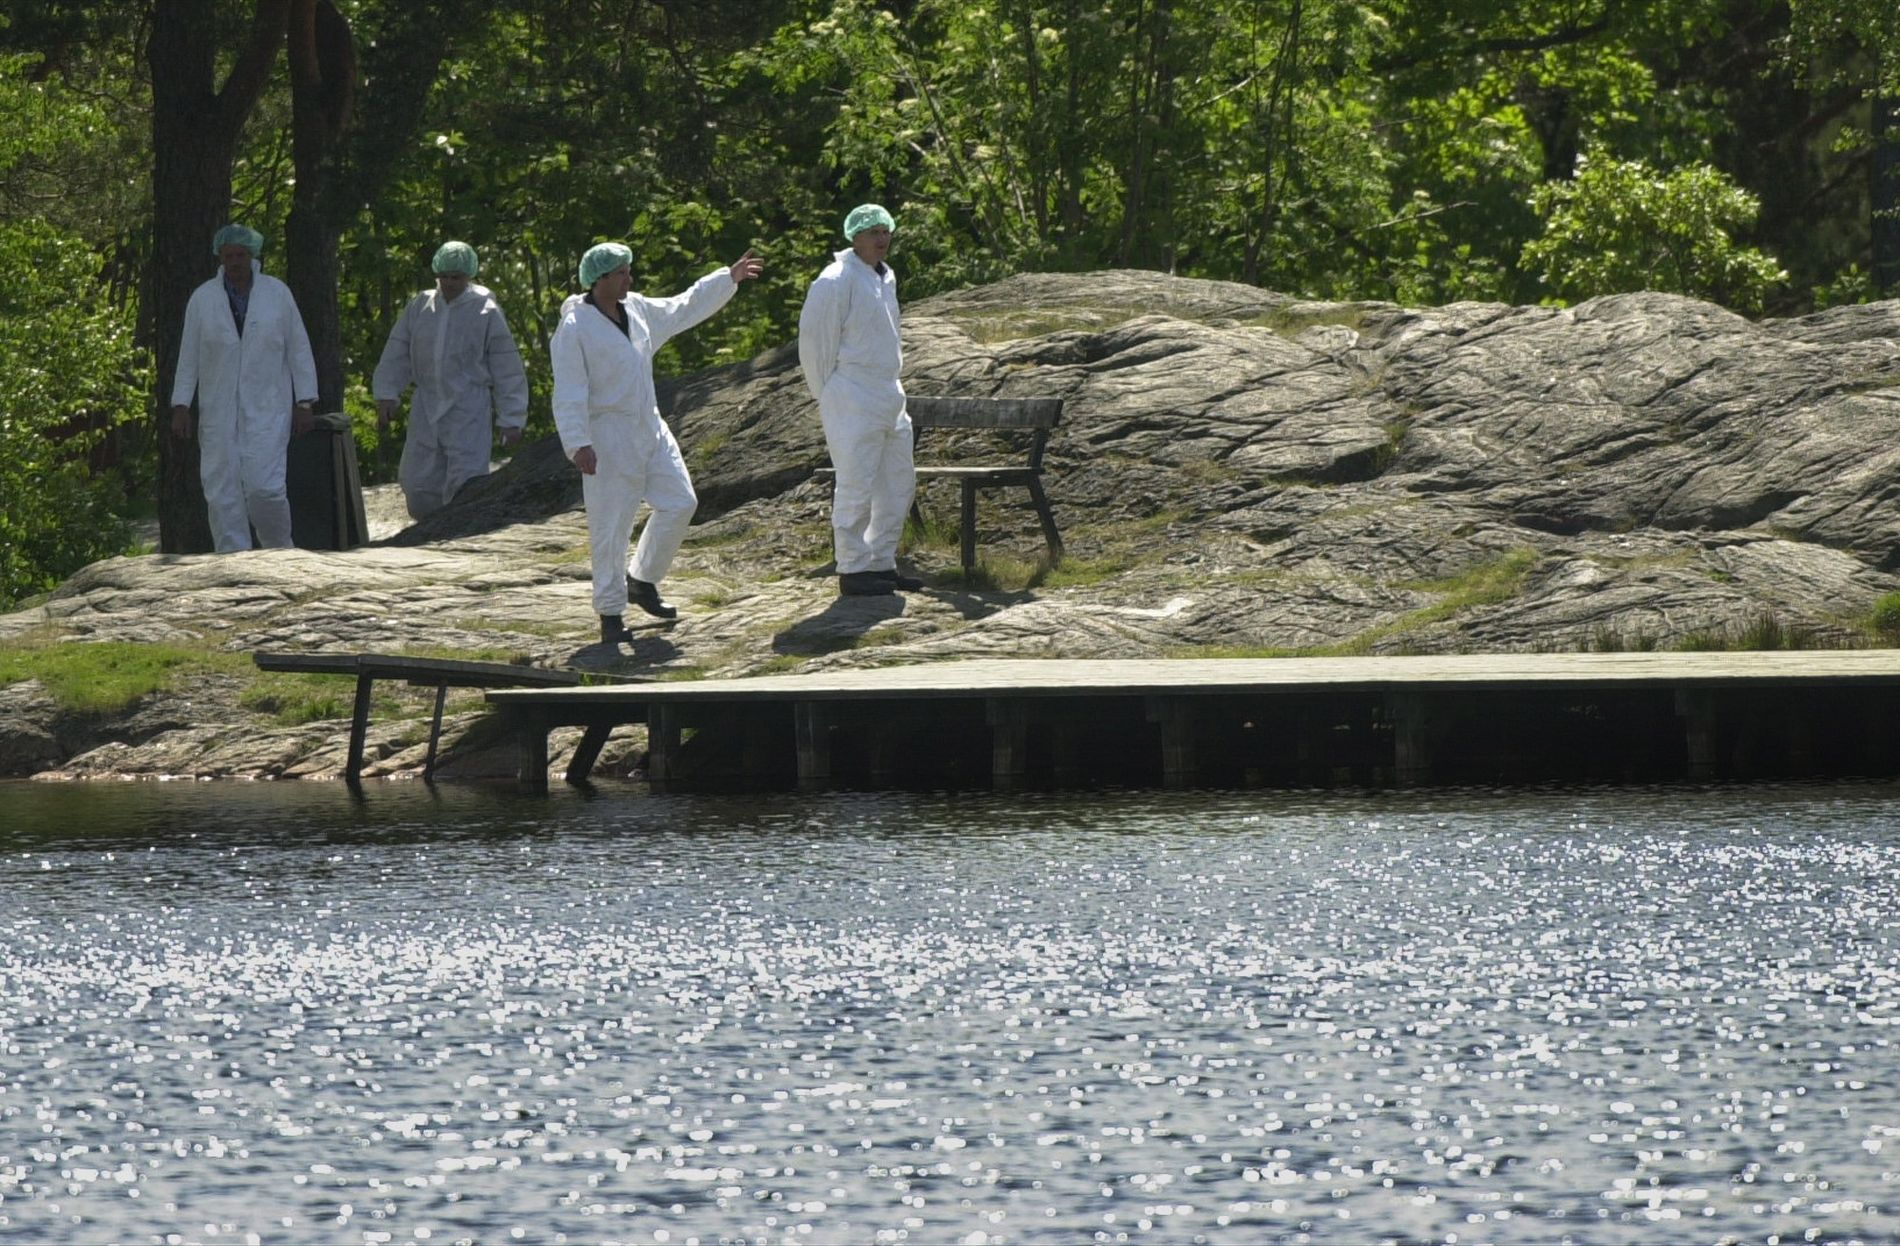 FORSVANT:Lena Sløgedal Paulsen (10) og Stine Sofie Sørstrønen (8) ble funnet drept og voldtatt to dager at de forsvant fra denne badeplassen ved 3. stampe i  Baneheia 19. mai 2000.